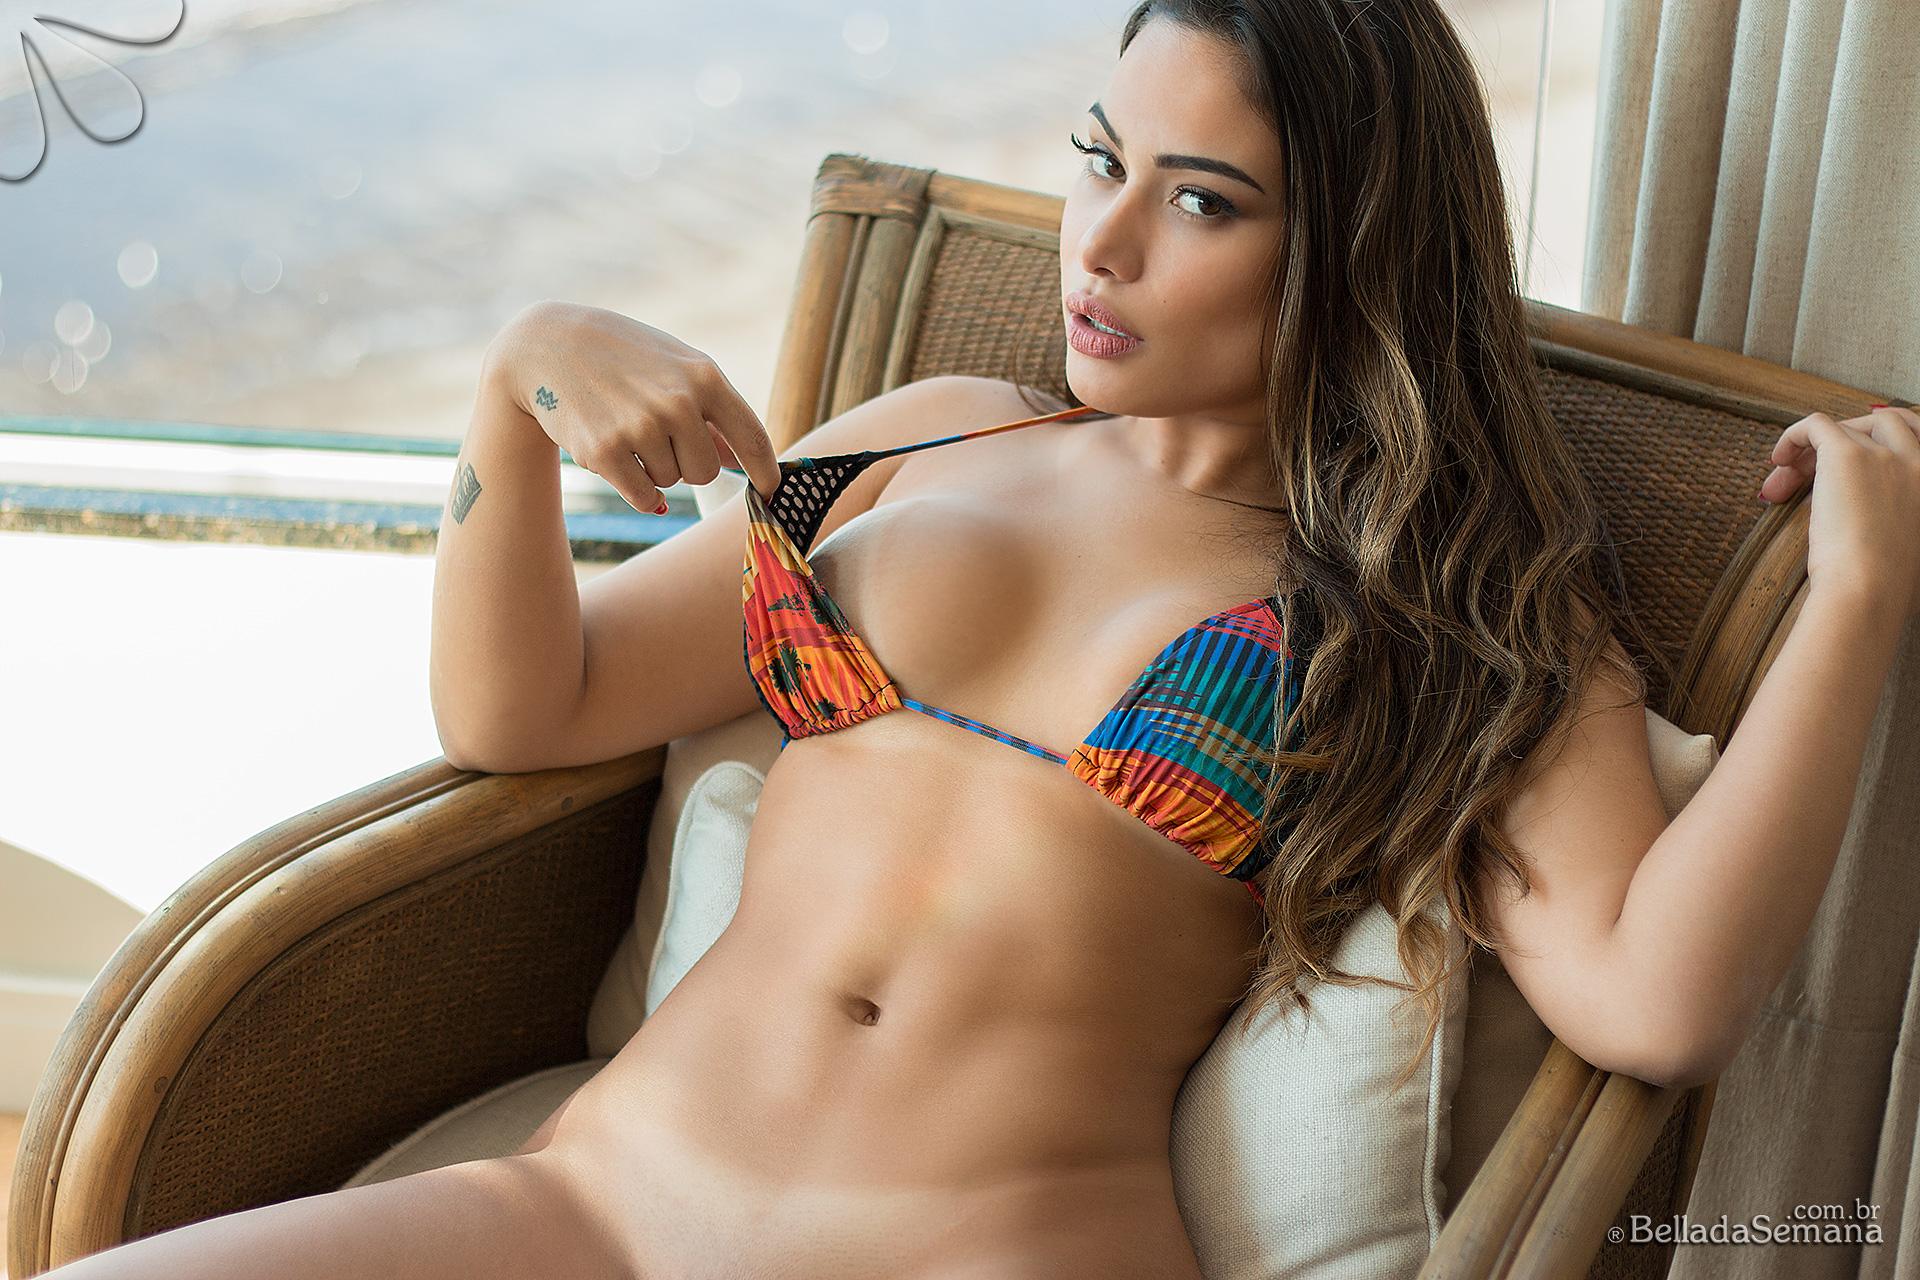 Patricia-jordane-seduz-assinantes-do-bella-da-semana